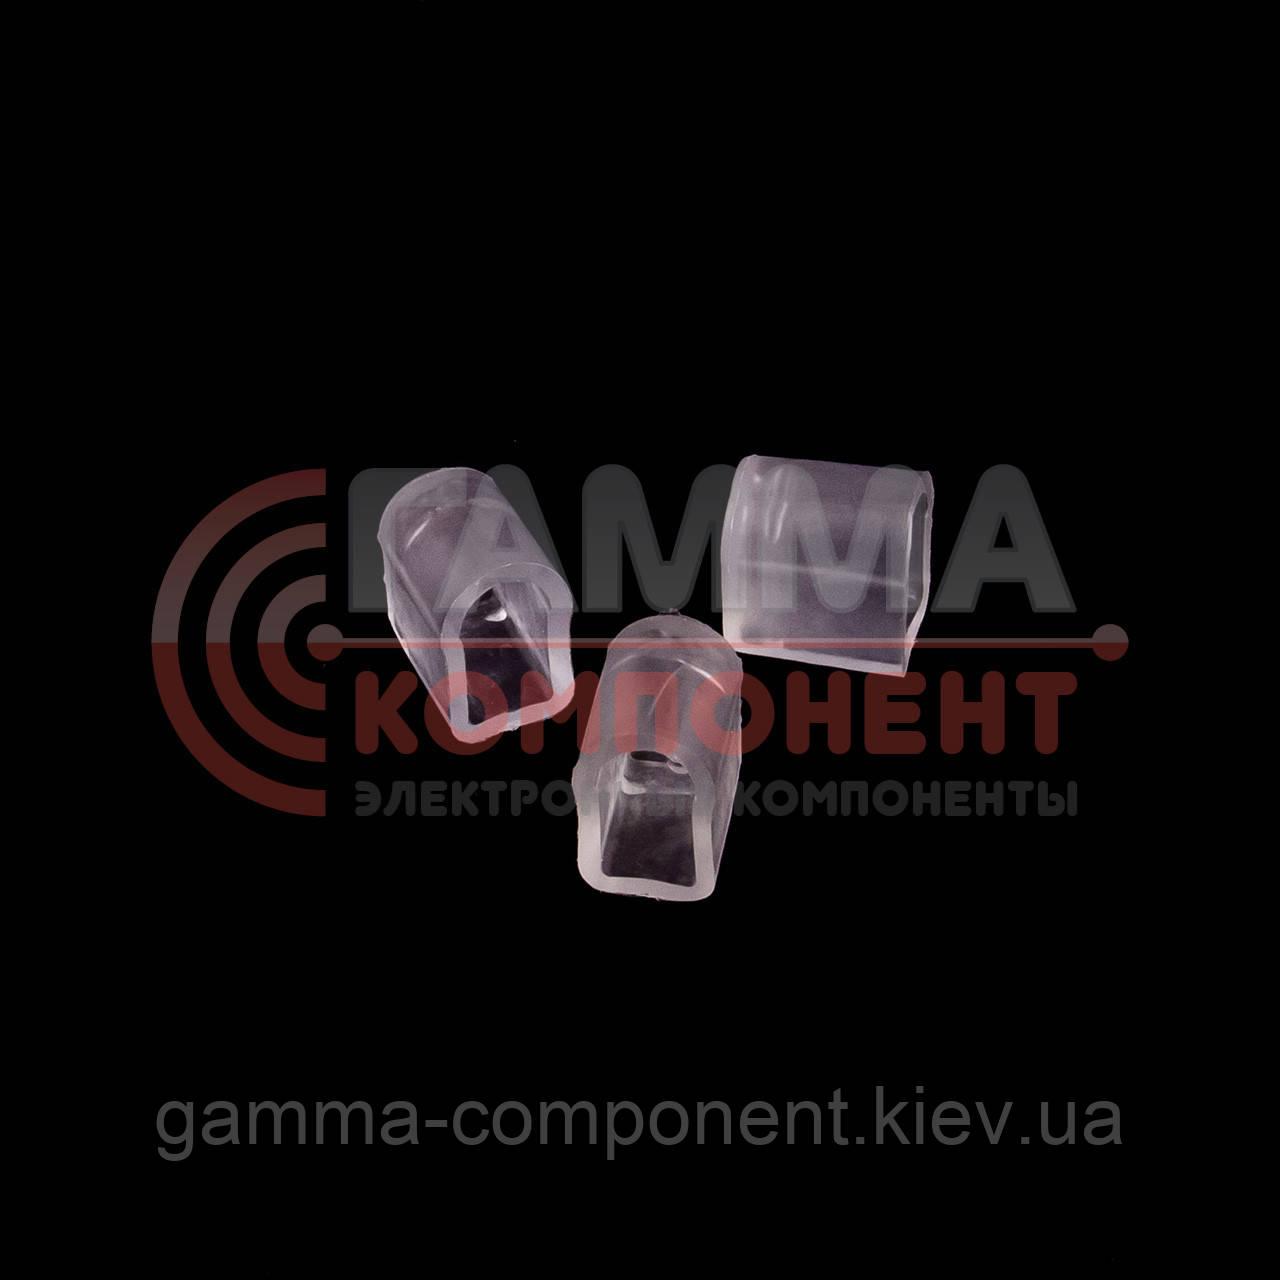 Заглушка для светодиодного неона 220B AVT smd 2835-120 лед/м